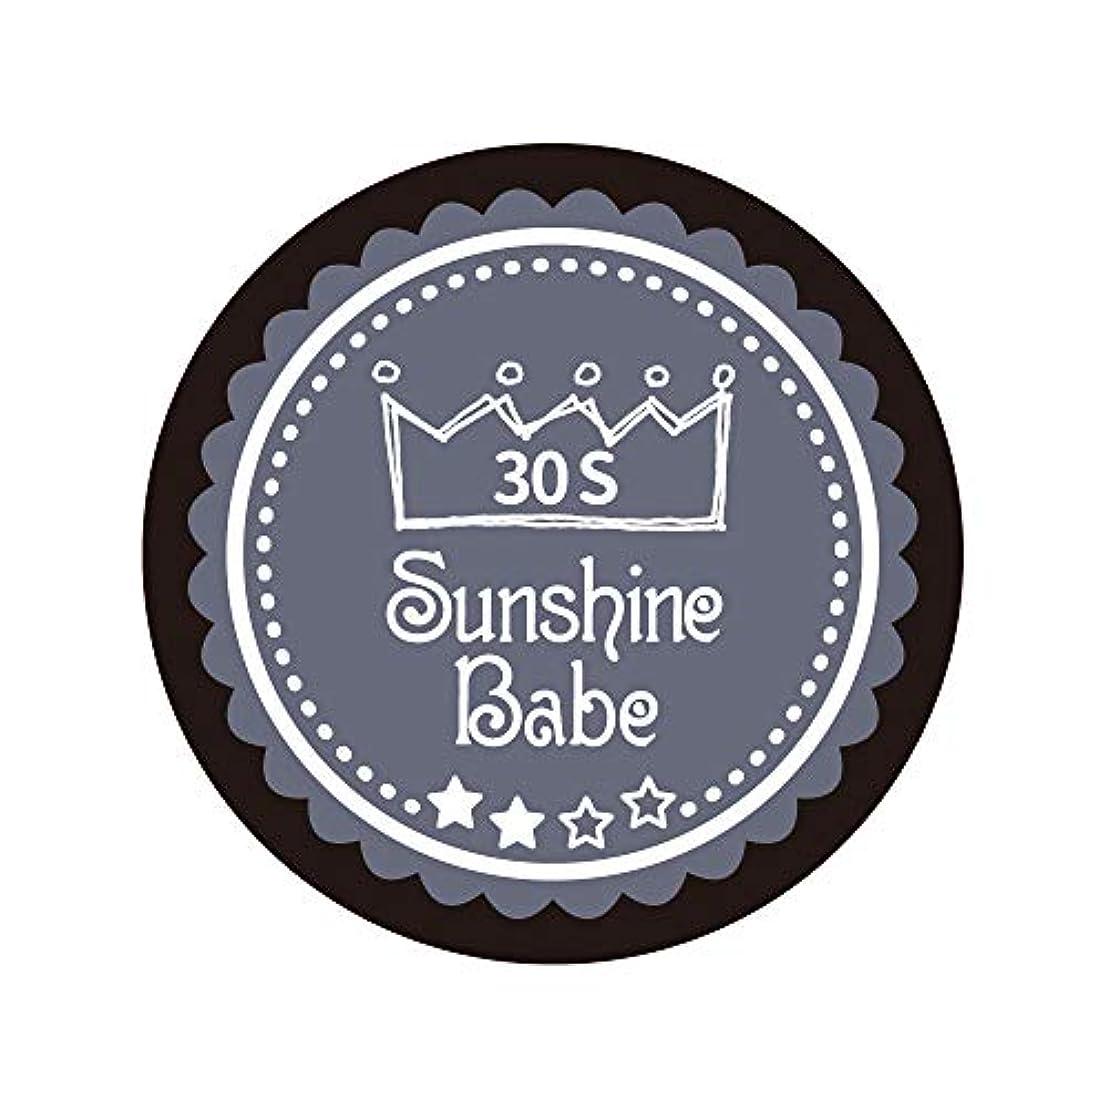 ブレース角度ナンセンスSunshine Babe カラージェル 30S チャコールグレー 2.7g UV/LED対応